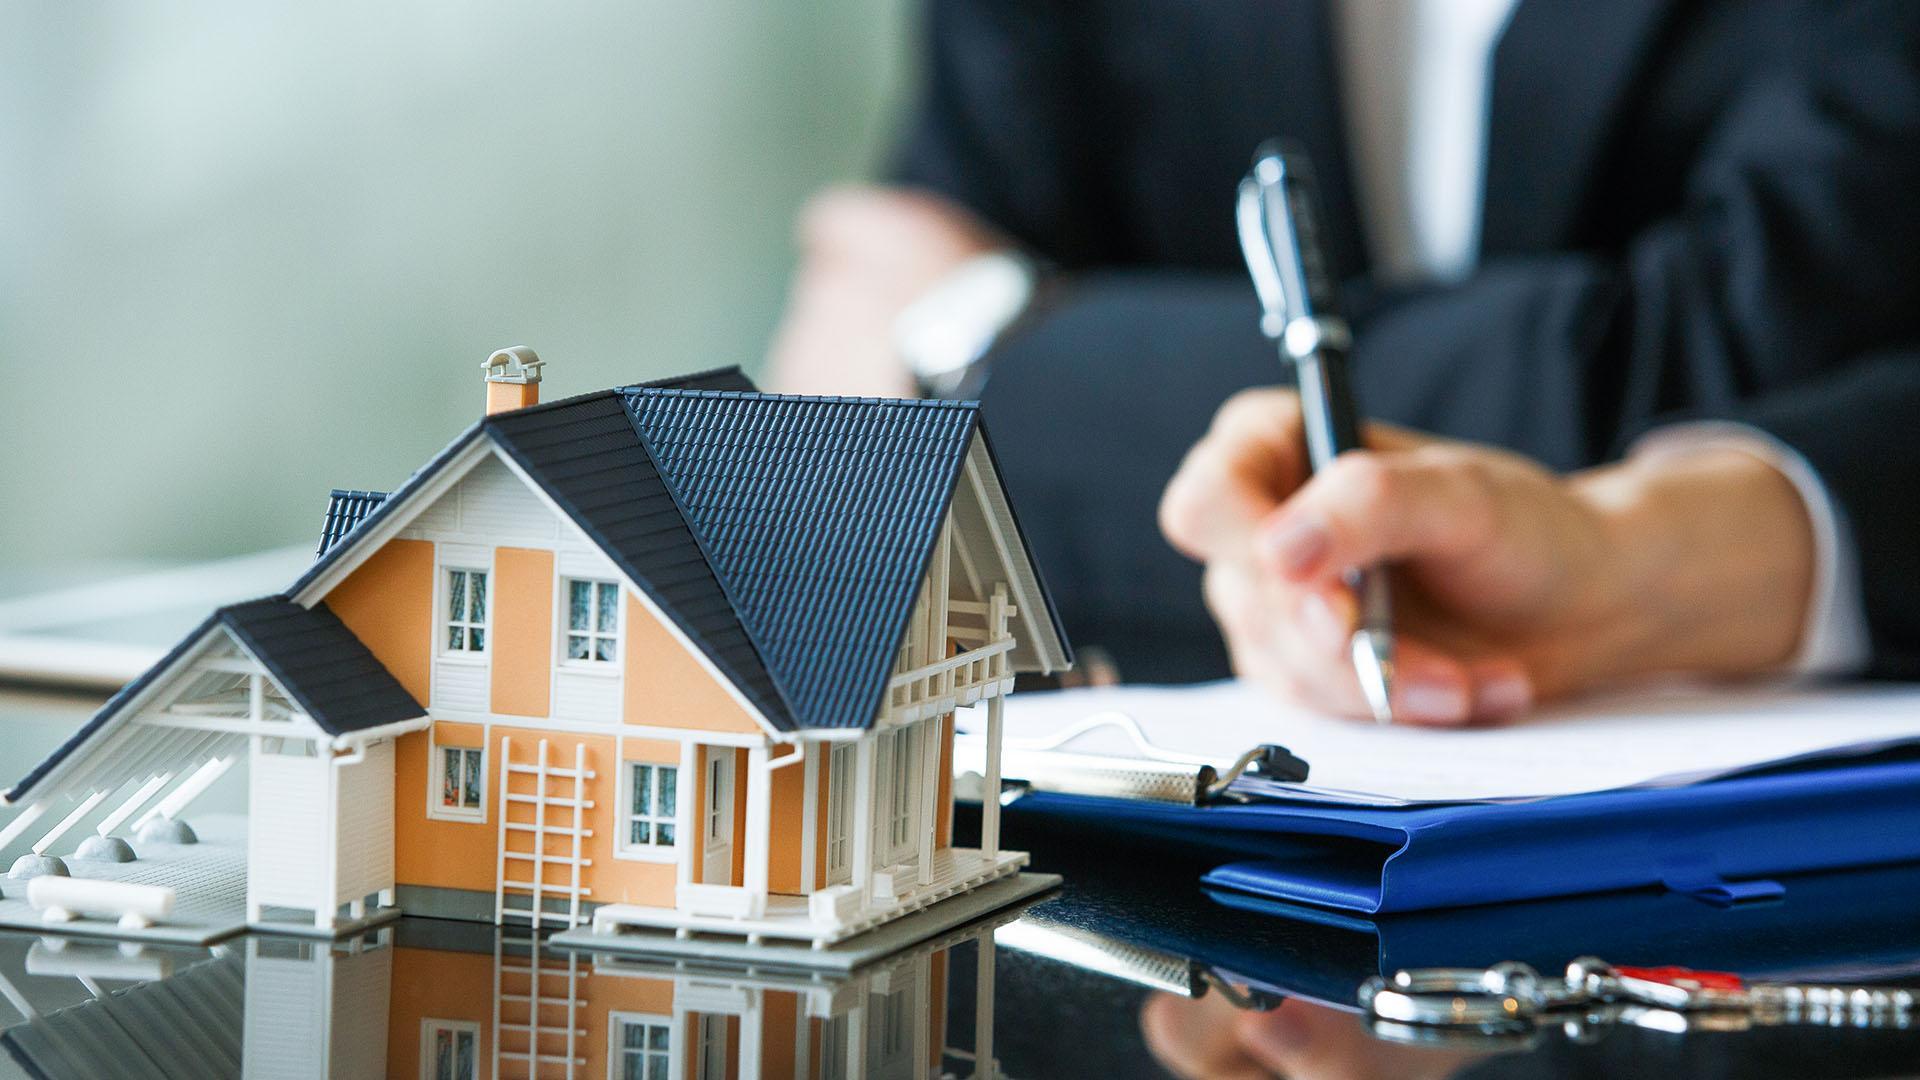 Выписка из ЕГРН — безопасность сделки с недвижимостью